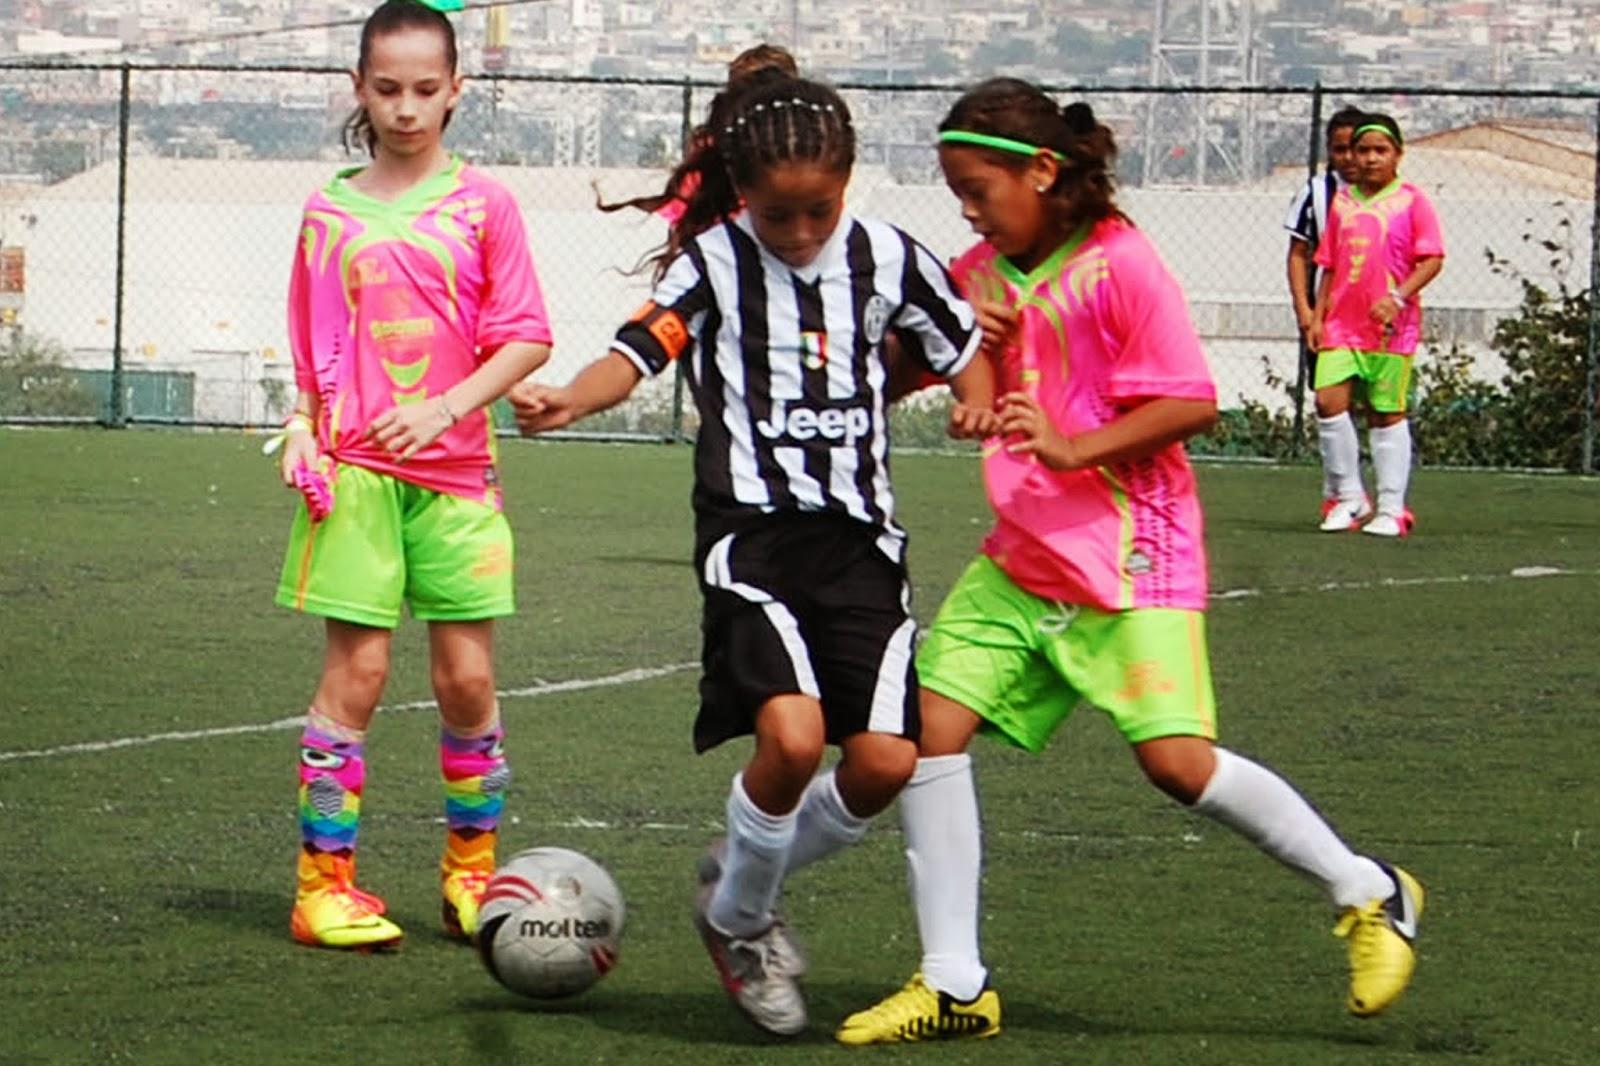 Imagenes De Mujeres Jugando Futbol Americano